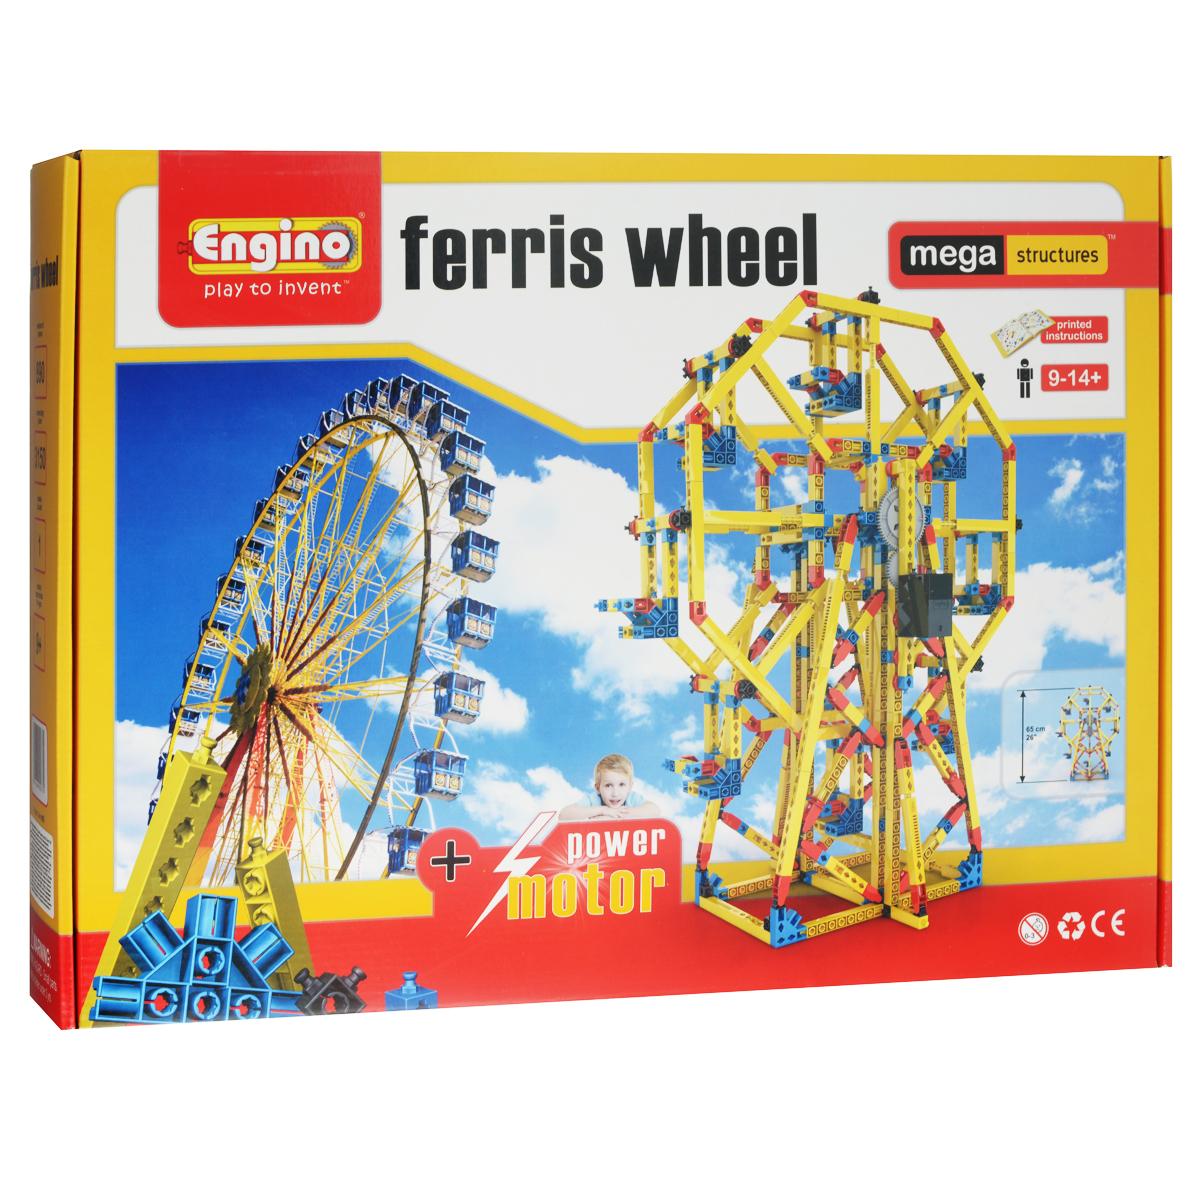 Engino Конструктор Ferris WheelMS2Конструктор Engino Ferris Wheel позволит вашему ребенку построить действующую модель первого в мире колеса обозрения и запустить ее при помощи электродвигателя! Комплект включает 705 элементов конструктора, в том числе электродвигатель, и схематичную инструкцию по сборке. Это сооружение, также известное как колесо обозрения Ферриса, было построено в 1893 г. инженером Джорджем Феррисом к Всемирной Колумбовской выставке в Чикаго. Набор серии Мега Конструкции - не только познавательная игра, позволяющая создавать трехмерные сооружения, но и восхитительный подарок! Необходимо докупить 2 батарейки напряжением 1,5V типа ААА/LR03 (не входят в комплект).